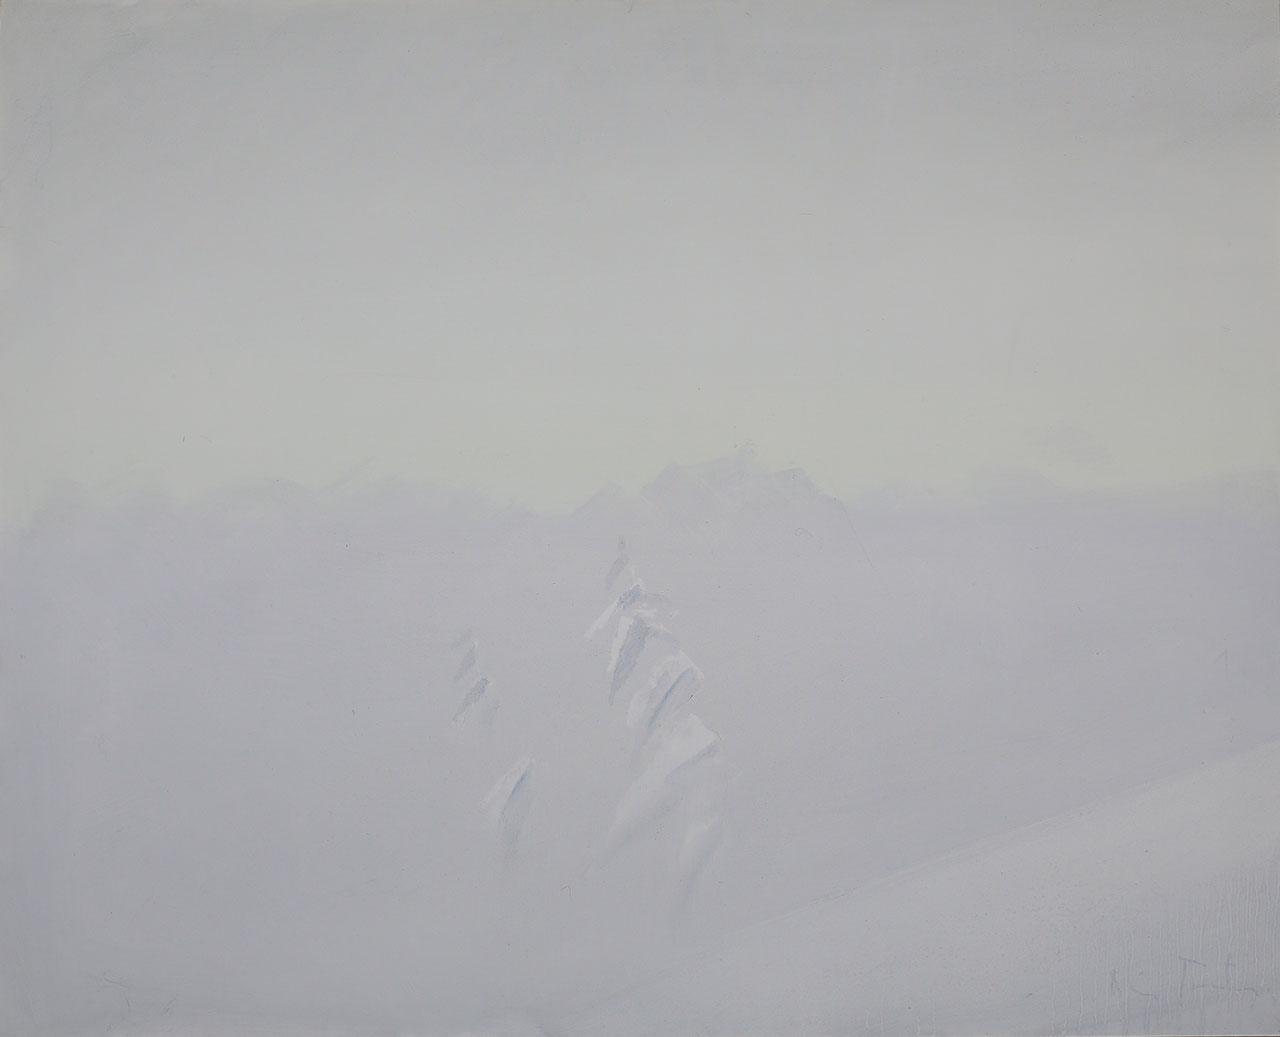 Vinter - Snevær